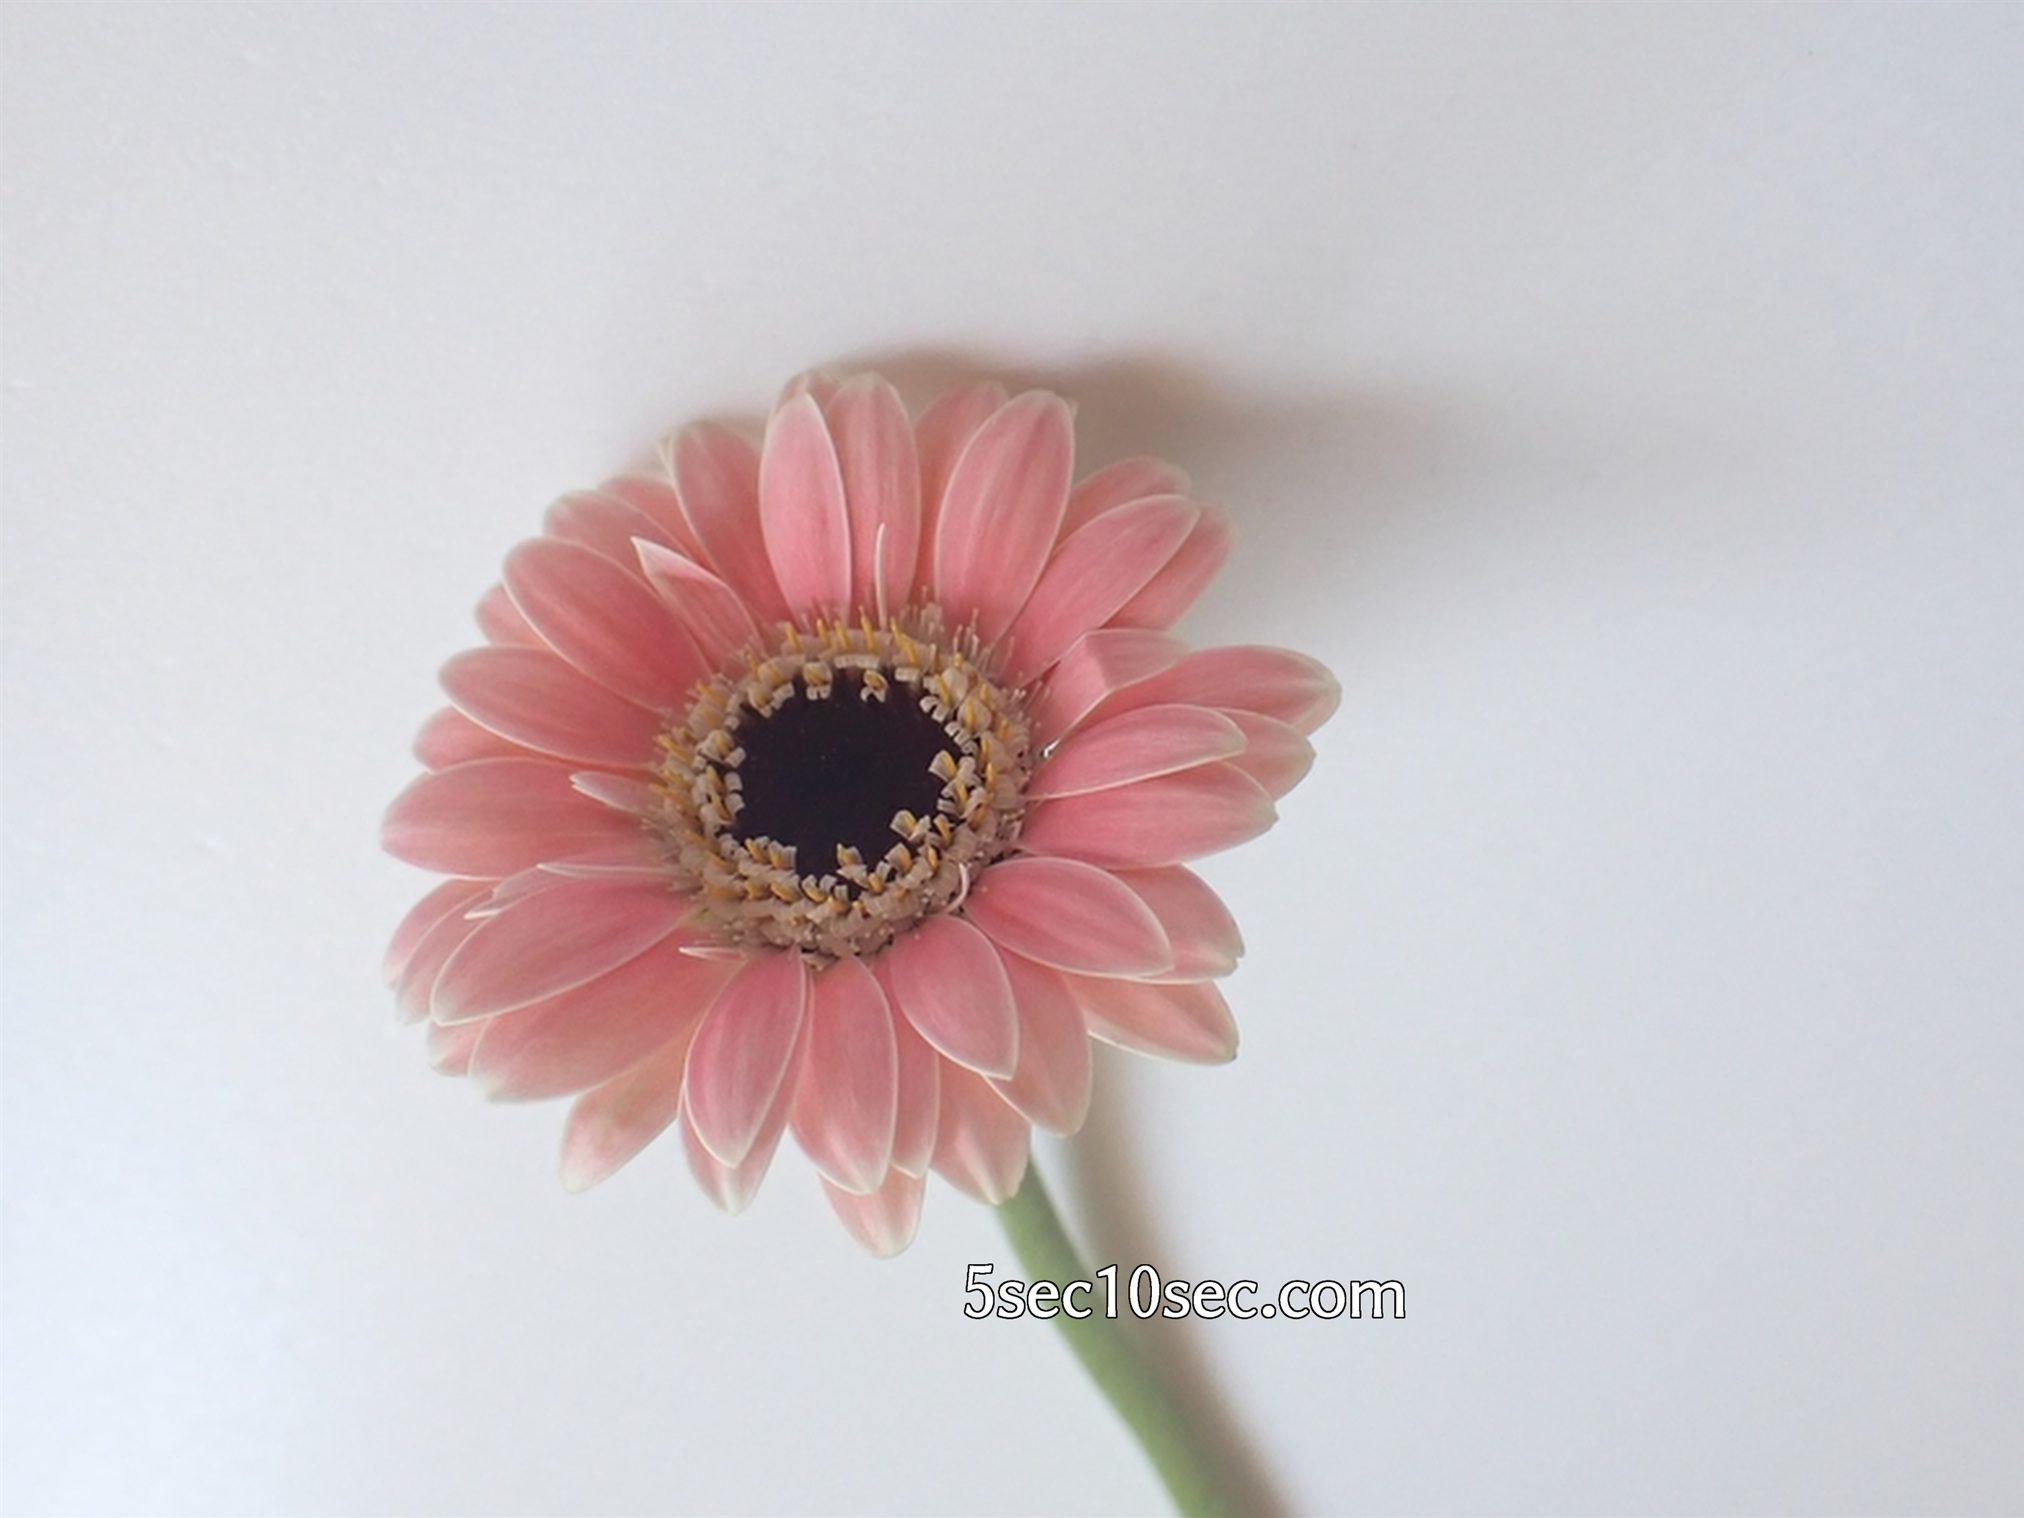 株式会社Crunch Style お花の定期便 Bloomee LIFE ブルーミーライフ レギュラープラン デジタルコンテンツ、web素材にするために1本1本個別にお花の写真を撮る